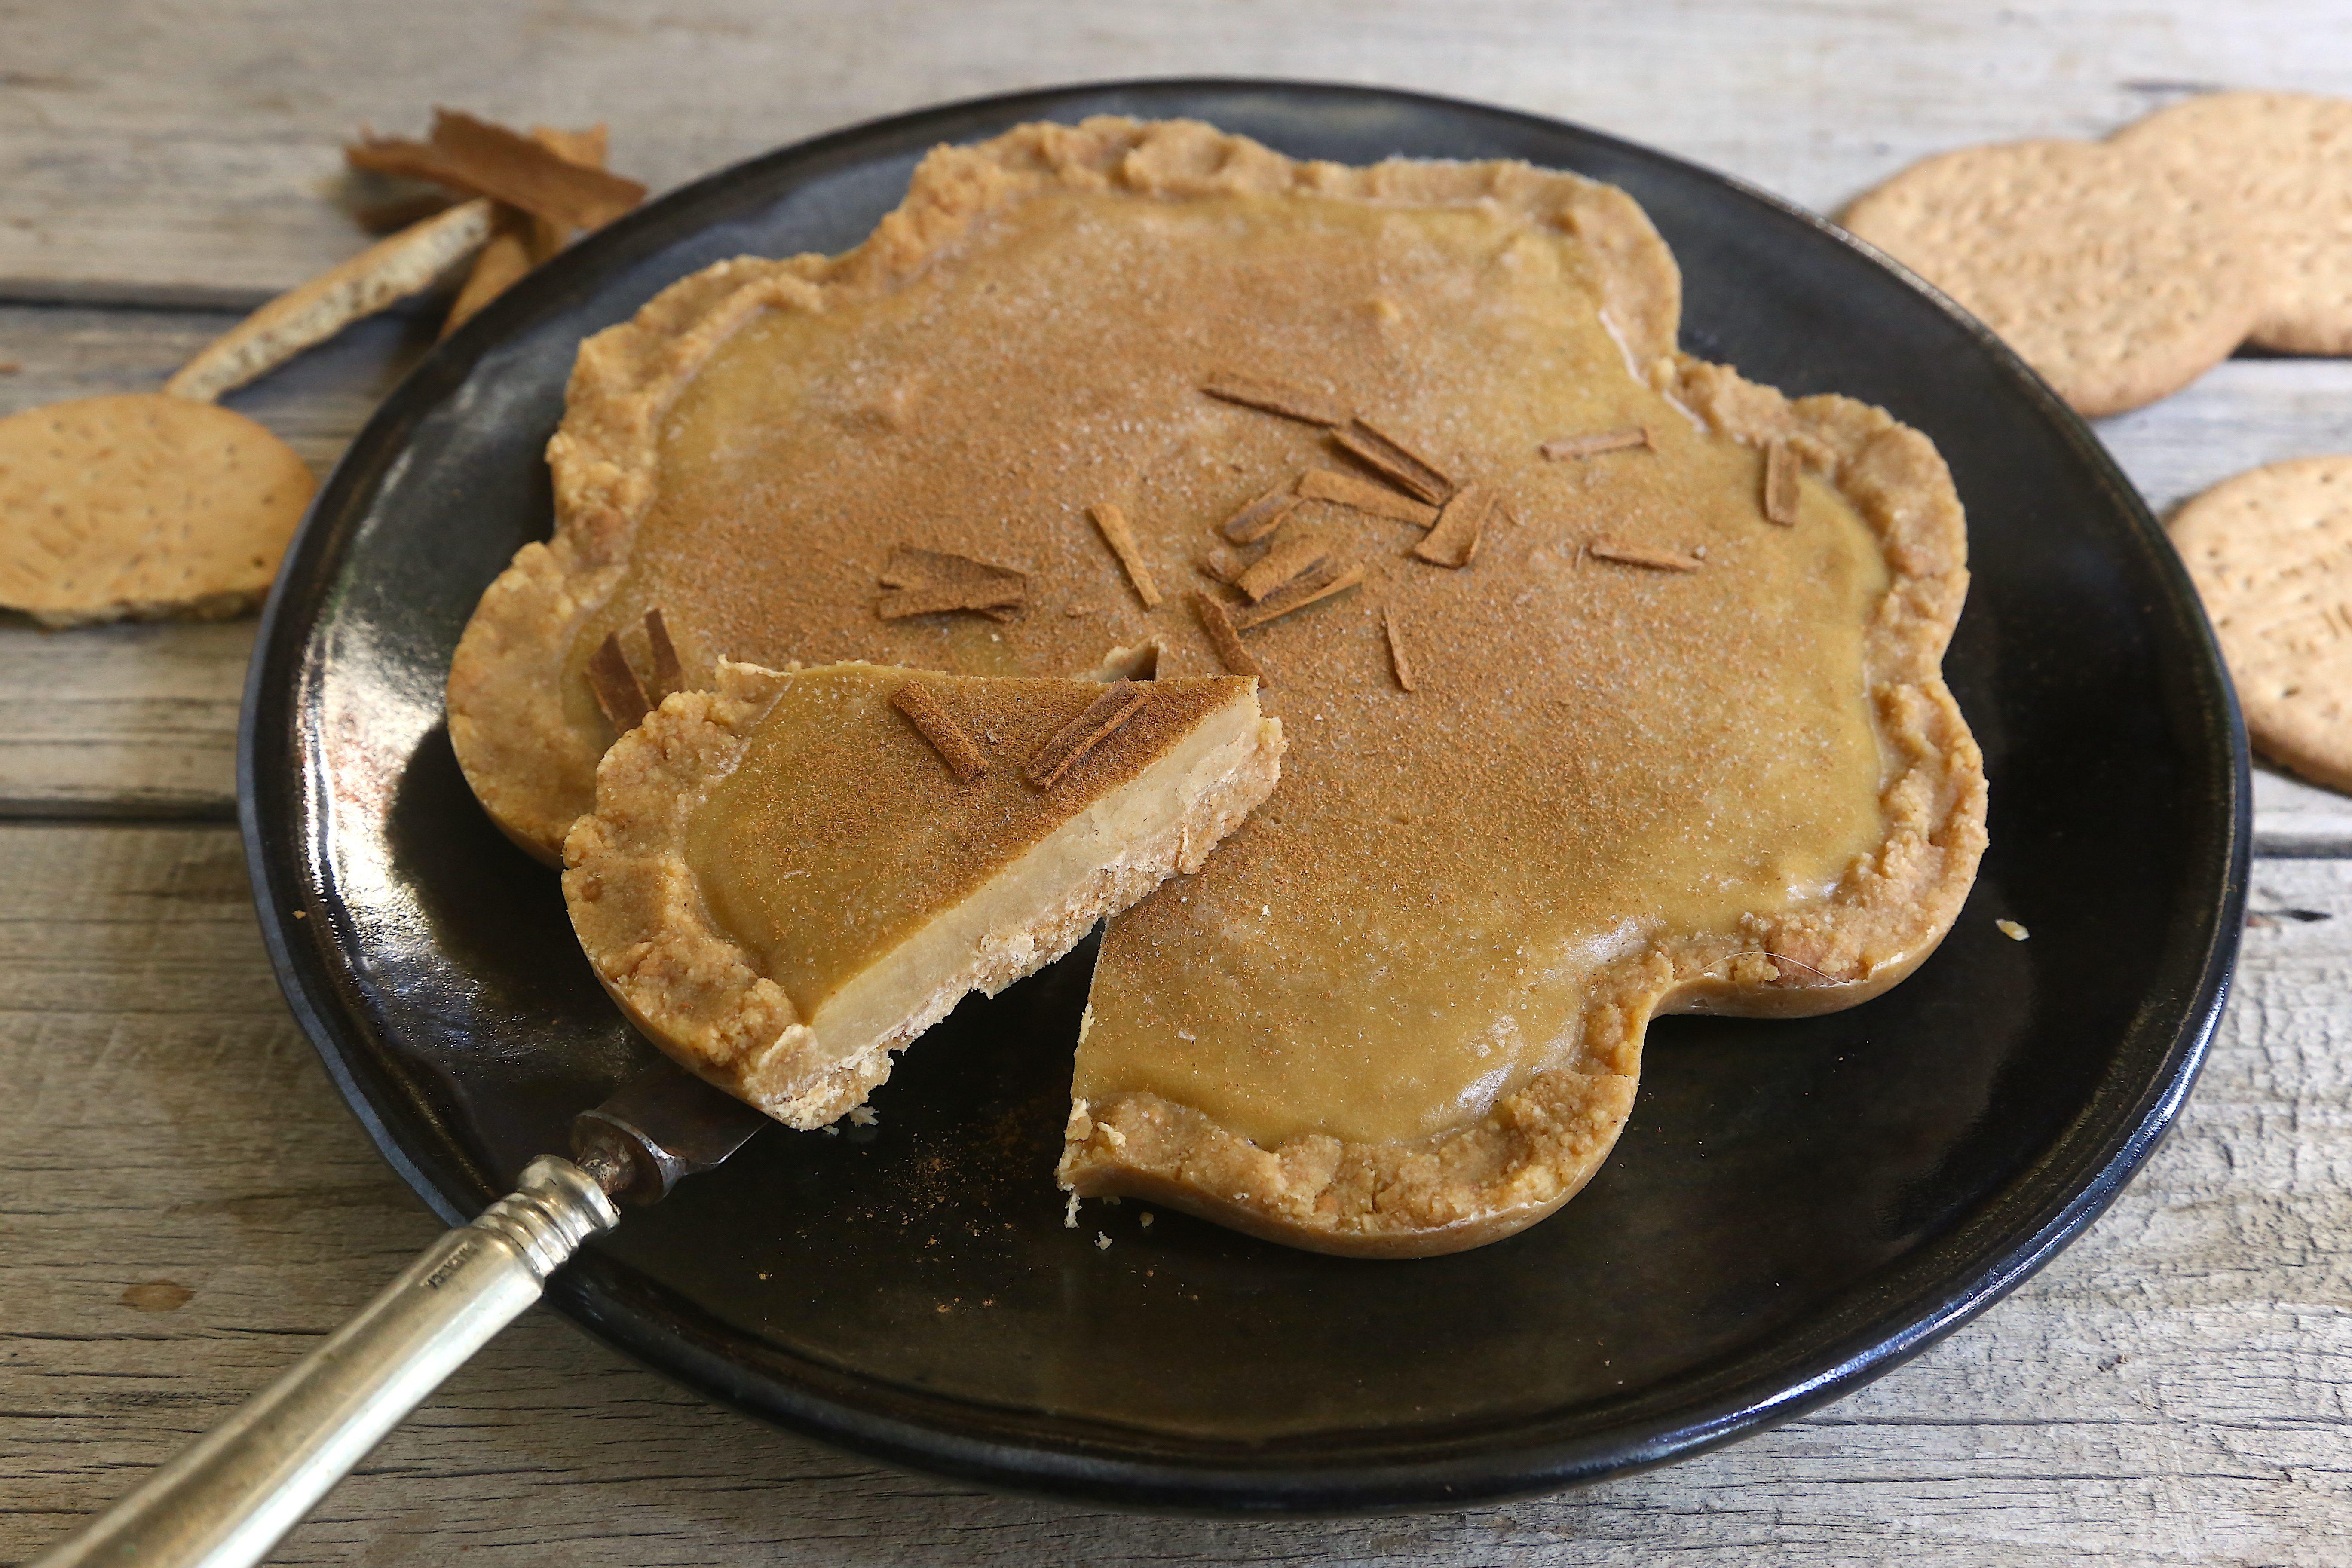 Torta fredda alla crema: la ricetta del dolce senza cottura cremoso e molto aromatico